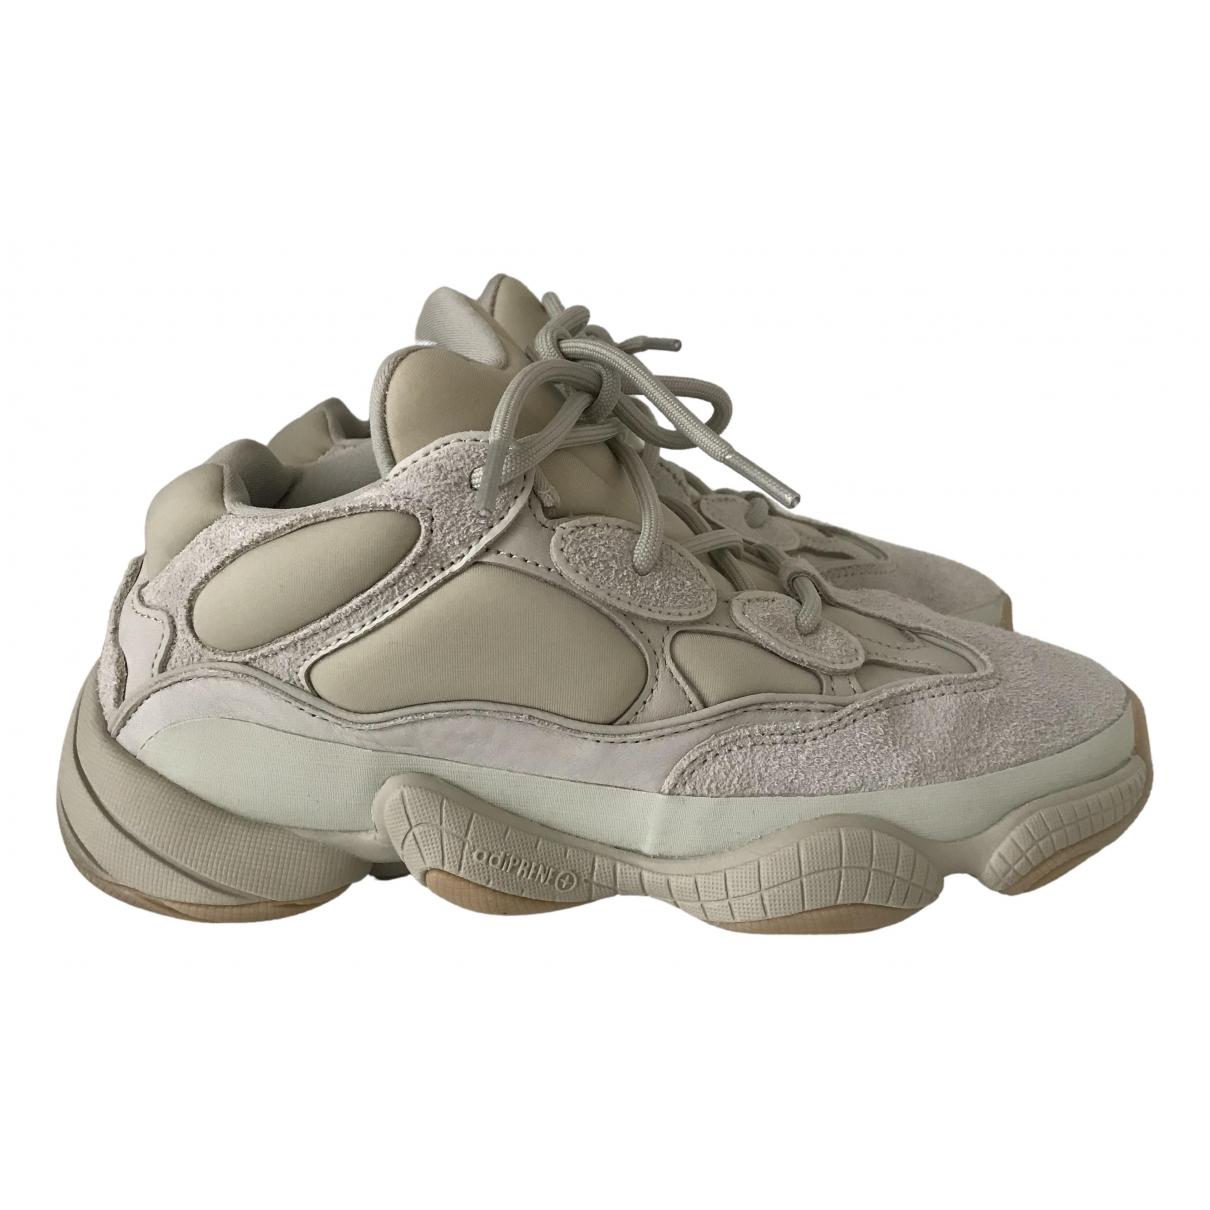 Yeezy X Adidas - Baskets 500 pour femme en caoutchouc - beige